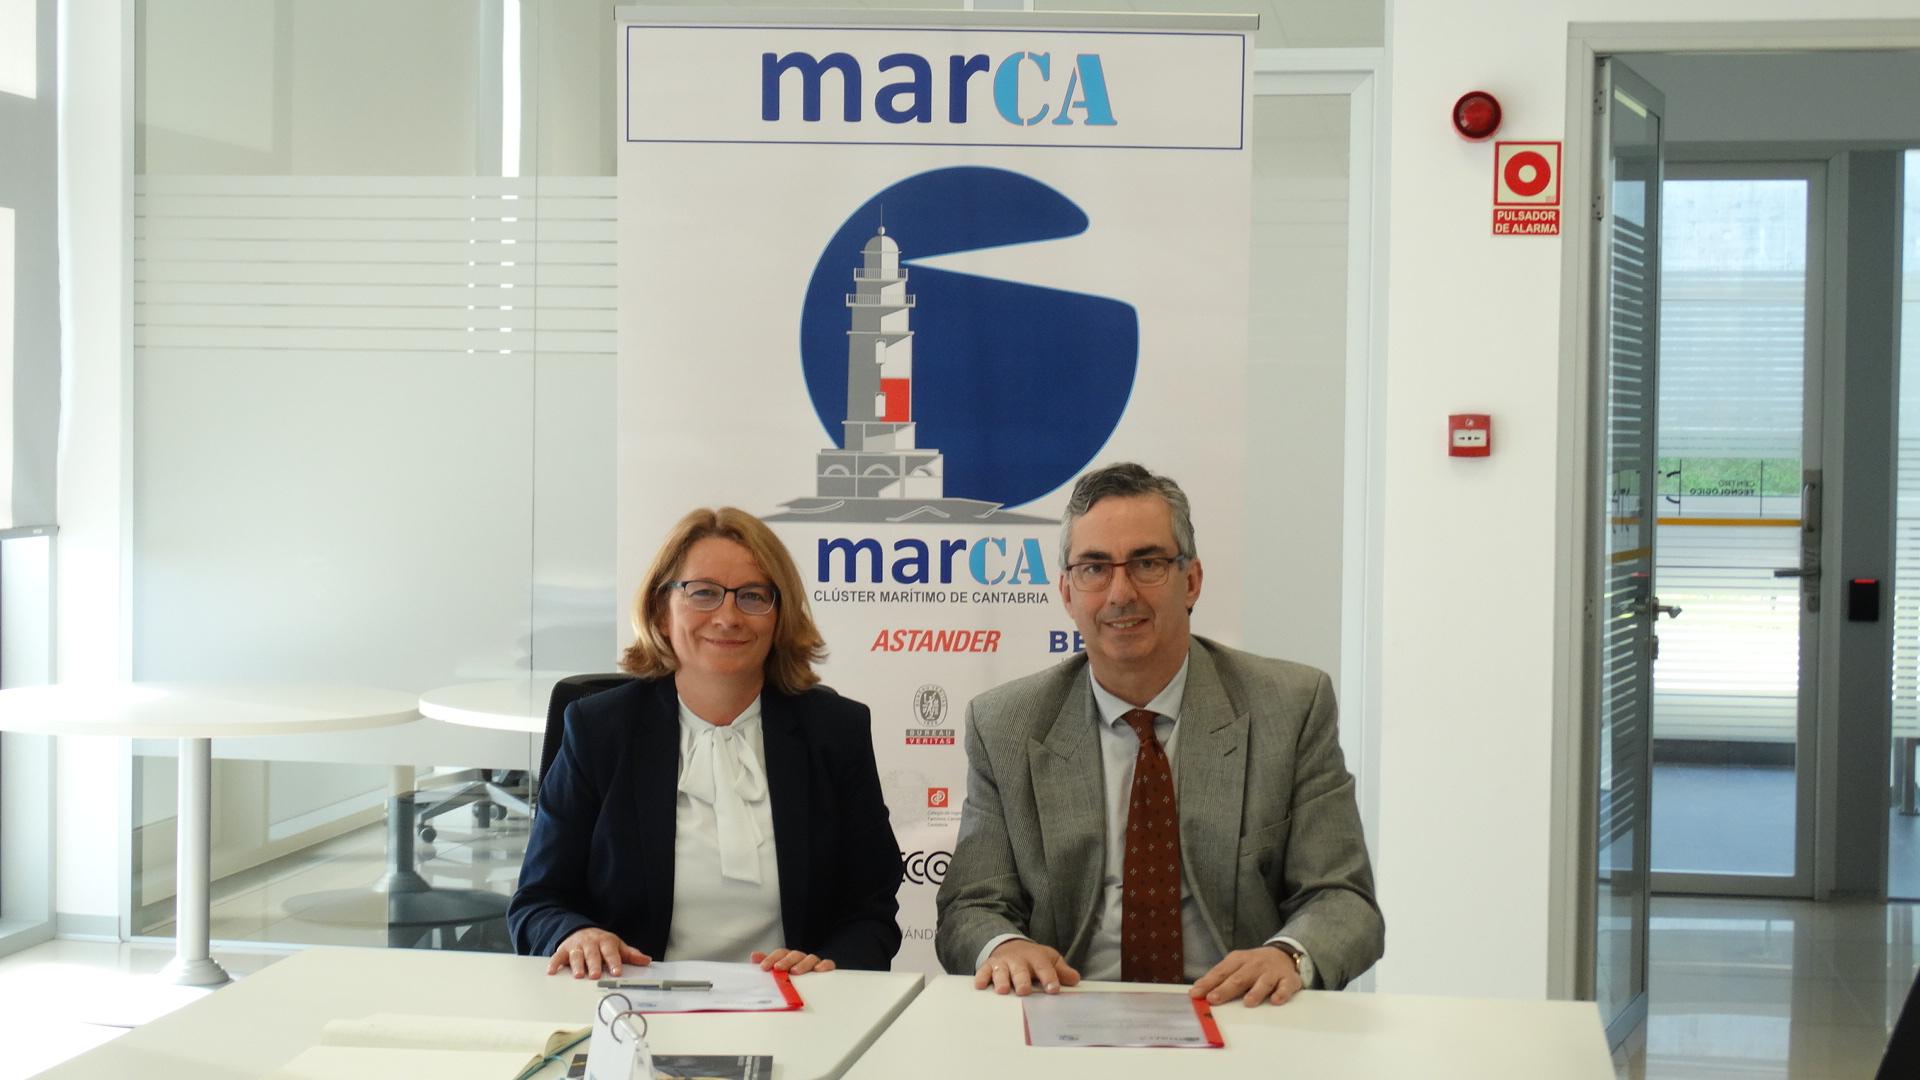 El Clúster MarCA presenta un proyecto piloto para posicionar Cantabria como referente en la descarbonización industrial